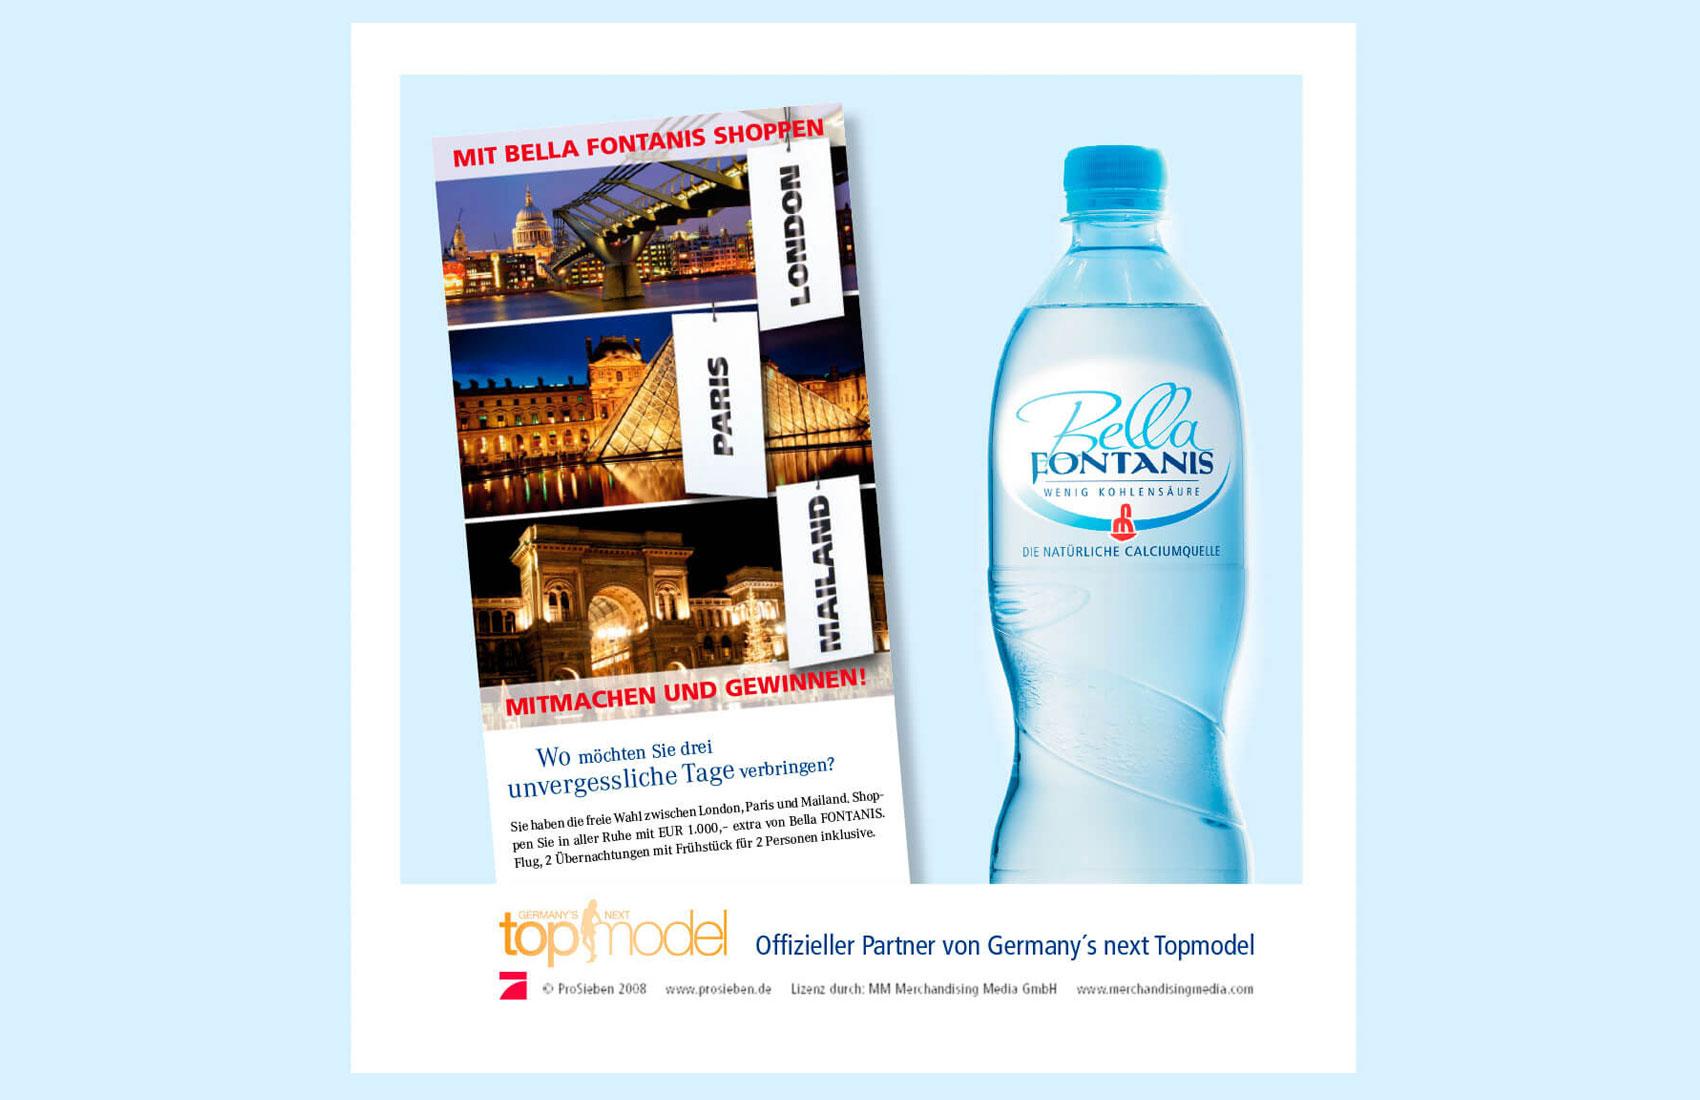 Gewinnspielkarte. Zu gewinnen waren 3 Shoppingreisen in die Modemetropolen London, Paris